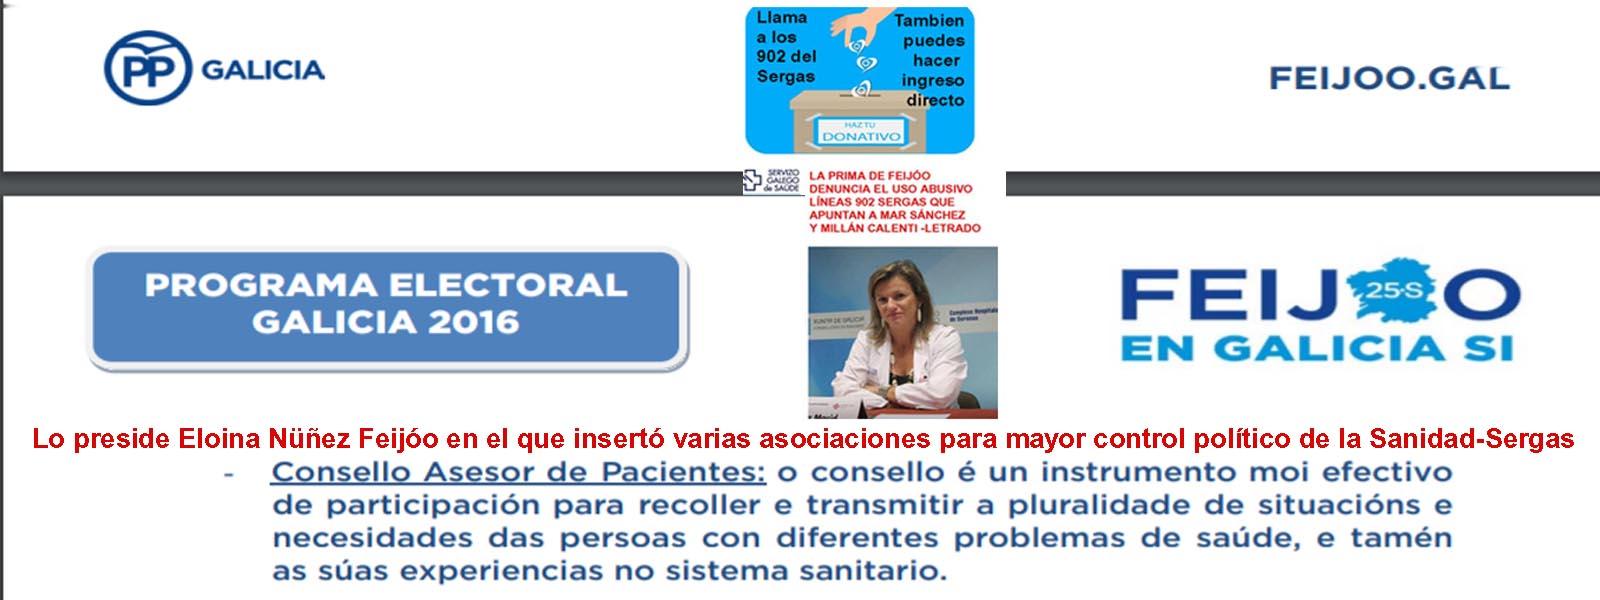 Eloina Nuéñez utiliza los recursos del Sergas para financiar y ...